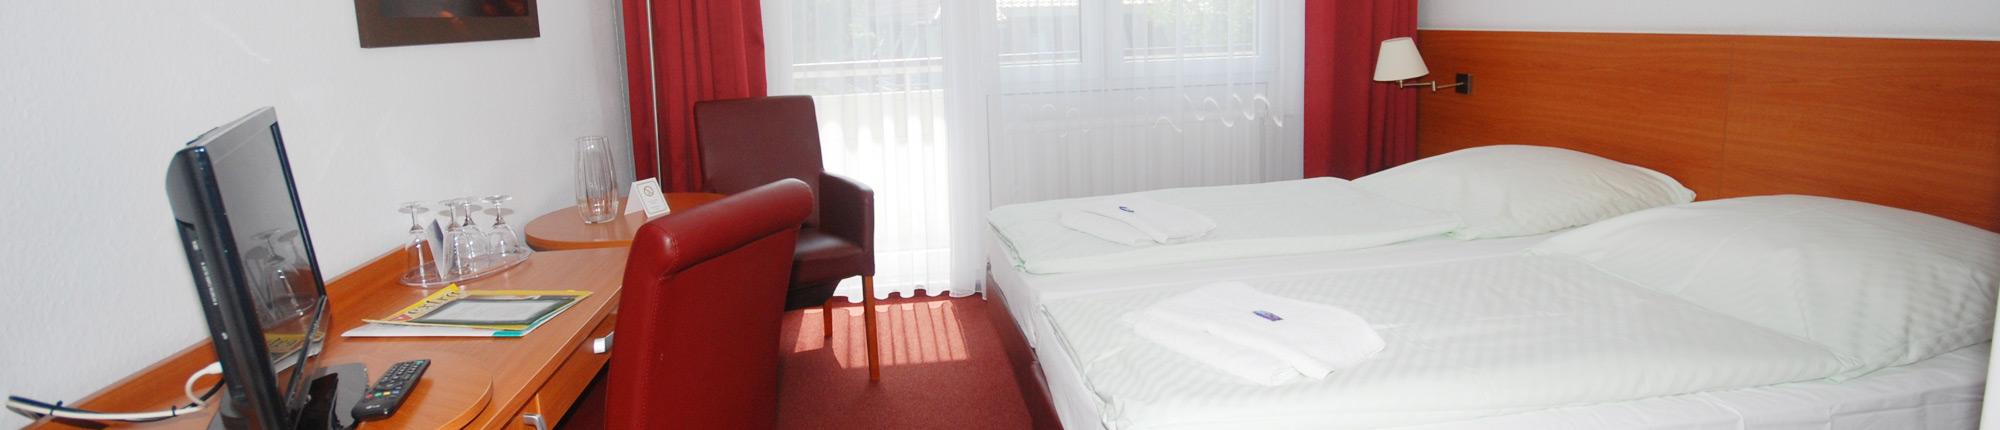 Komfortzimmer - Hotel John Brinckman